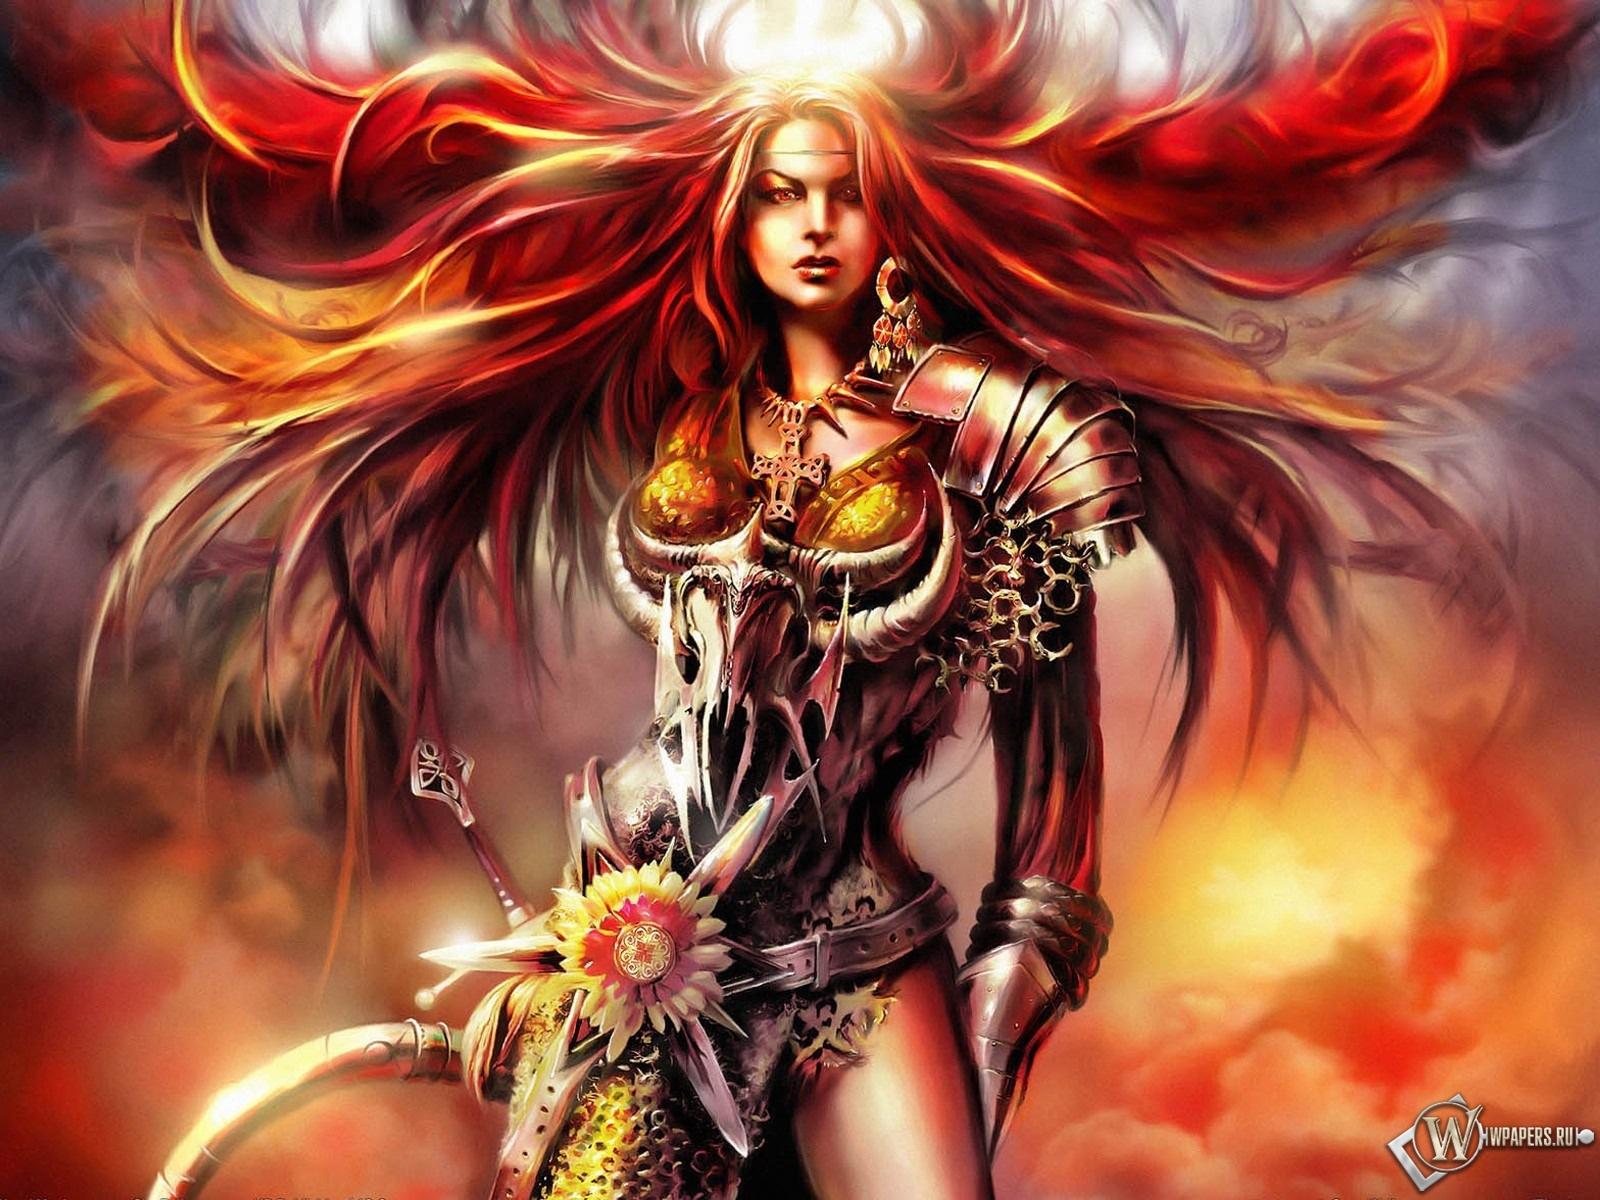 Рыжая девушка воин 1600x1200